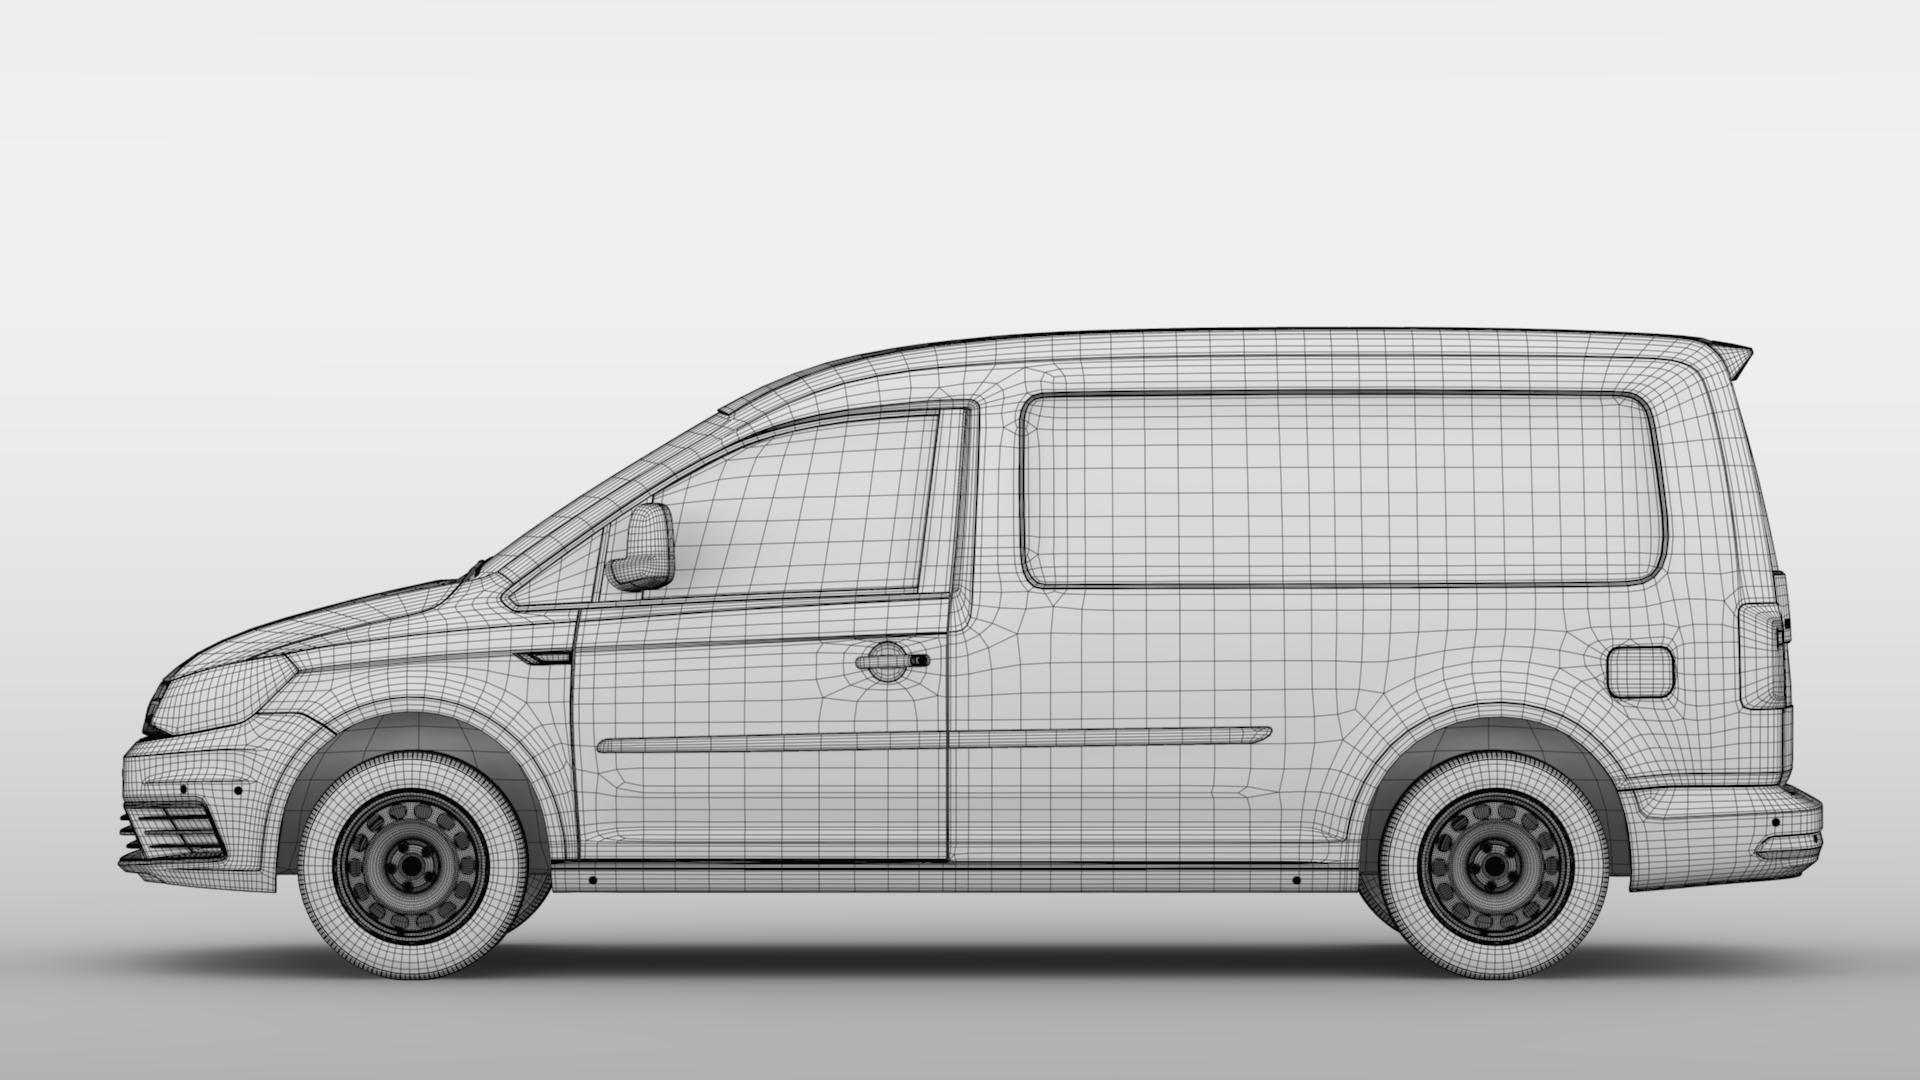 volkswagen caddy panel van l2 2017 3d model max fbx c4d lwo ma mb hrc xsi obj 274618